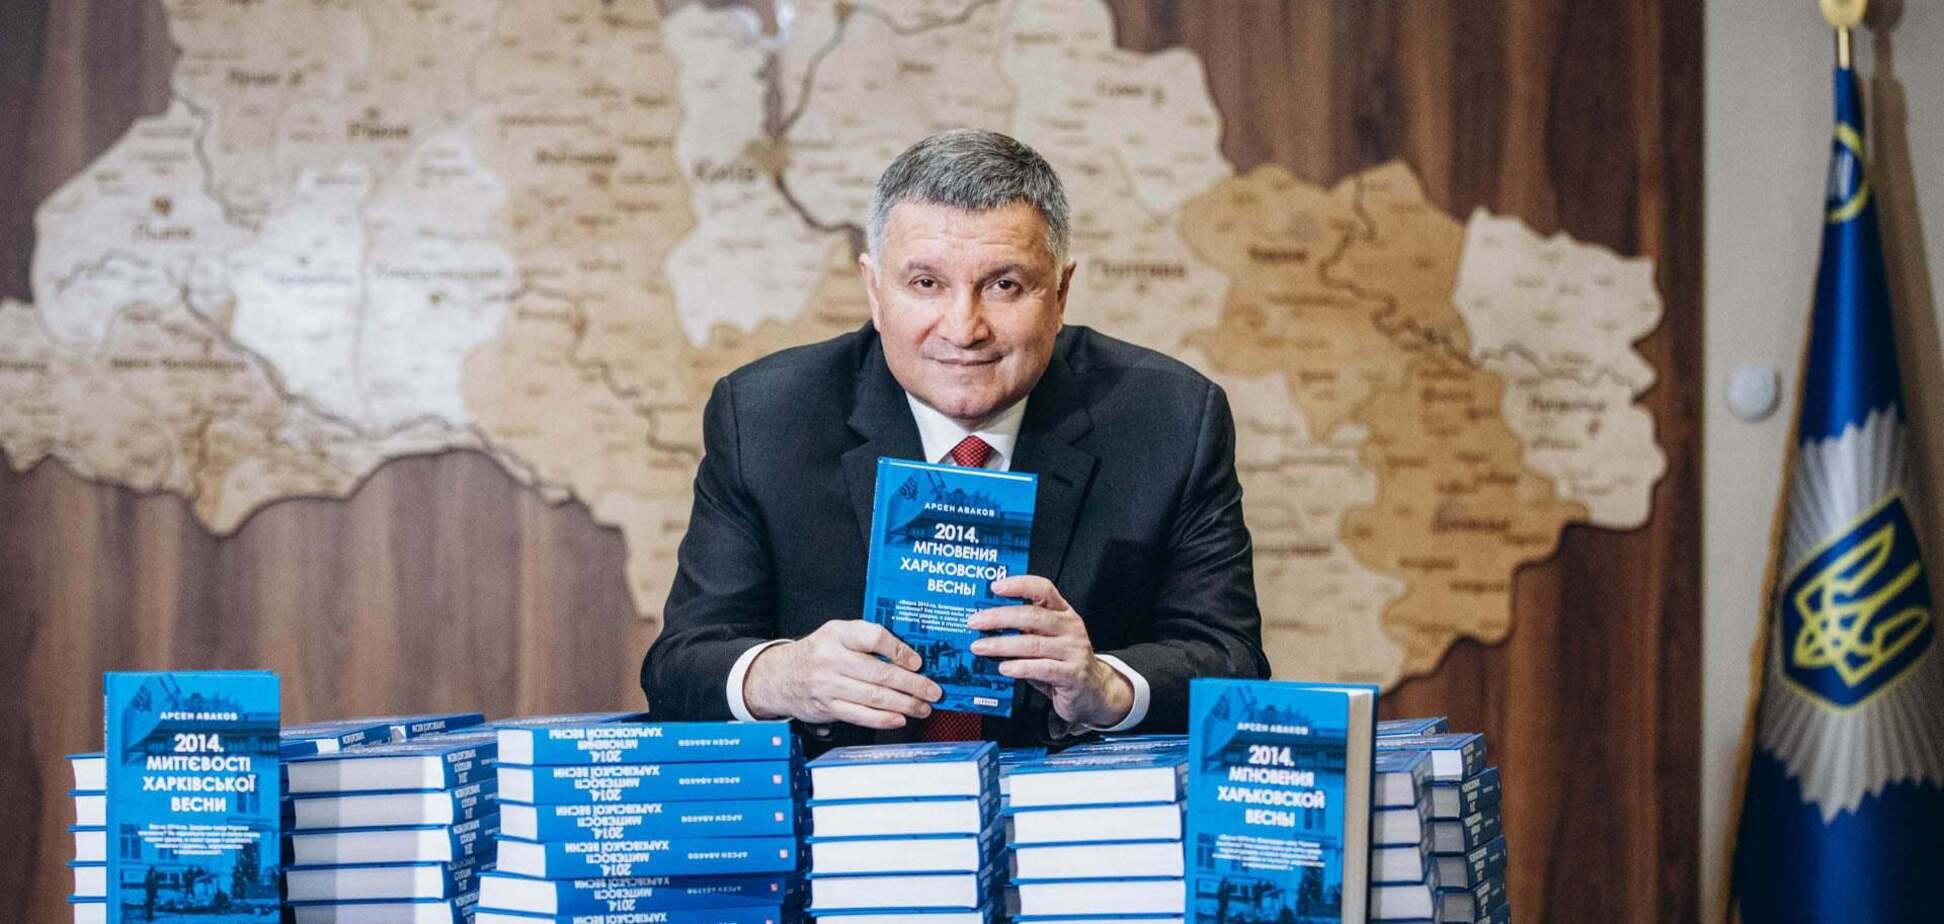 Аваков написав книгу про 'російську весну' у Харкові 2014 року